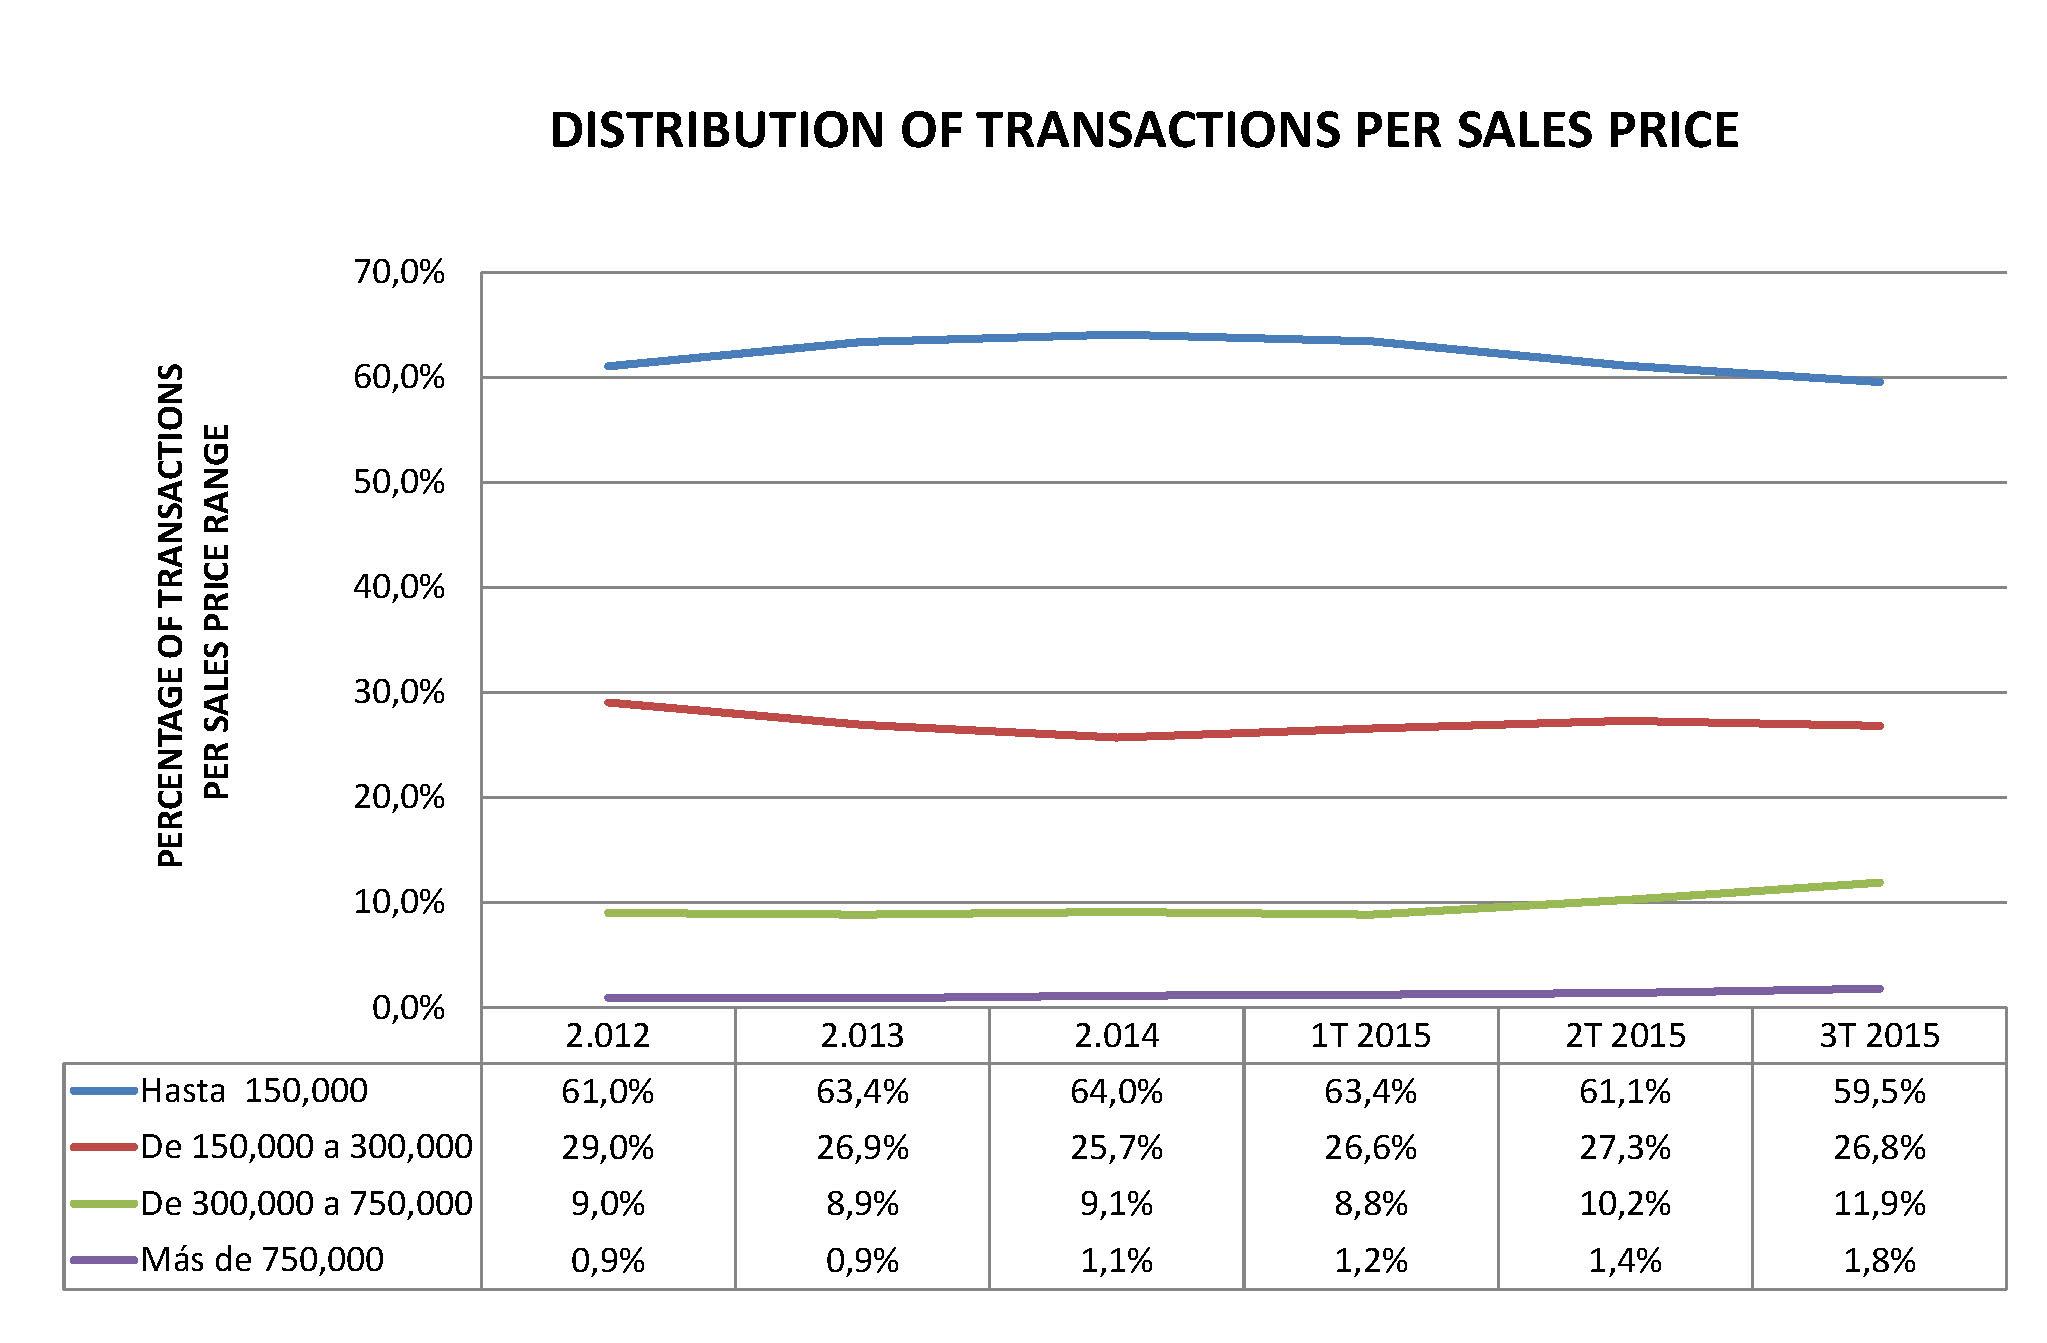 transaction-per-price-range-marbella-benahavis-costa-del-sol